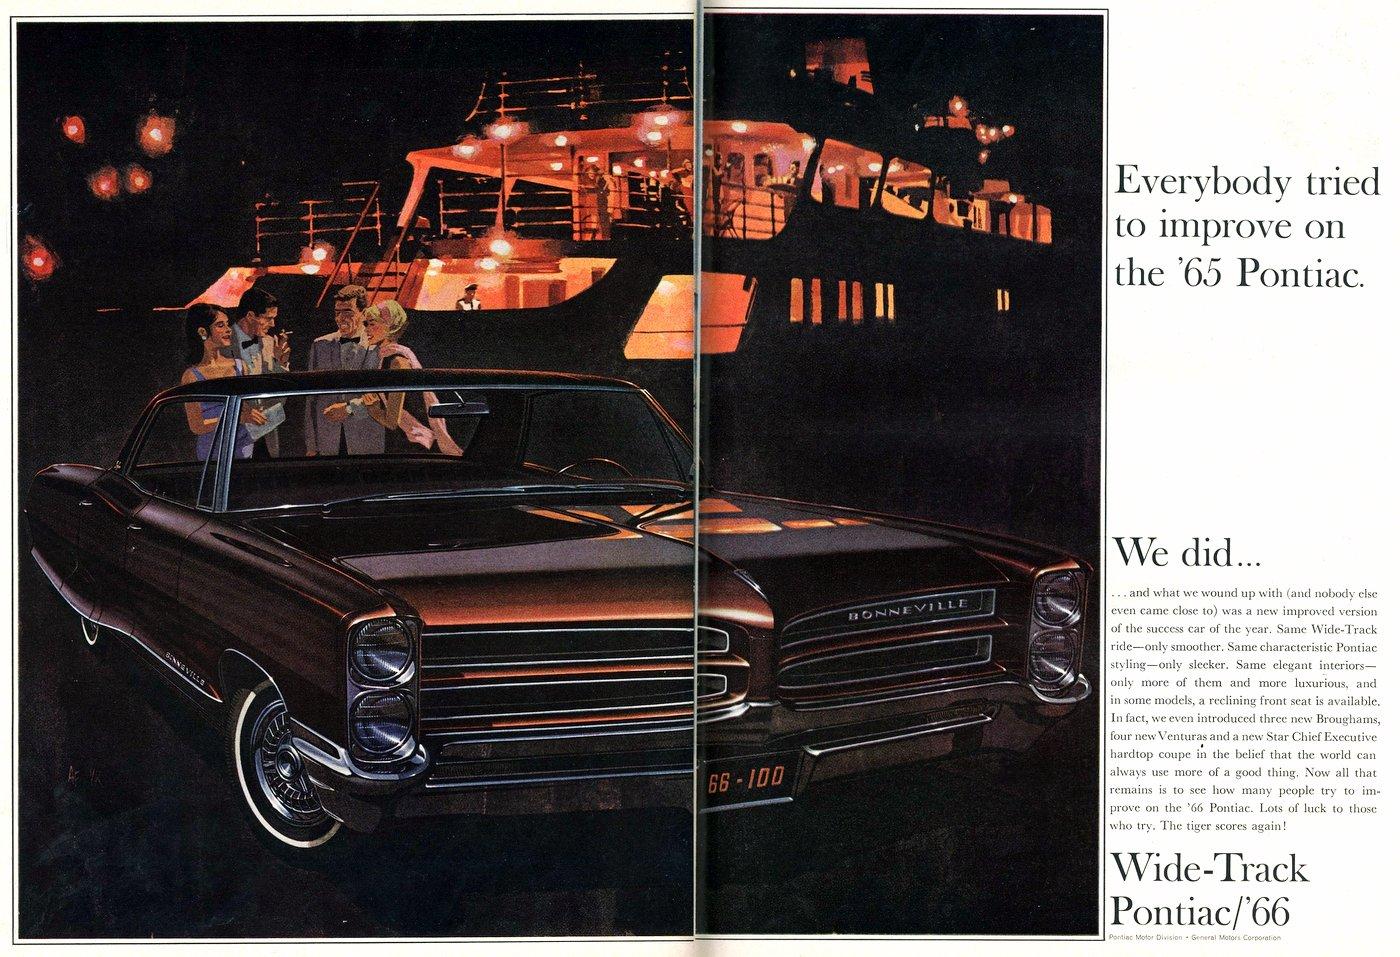 Wide-Track Pontiac 1966